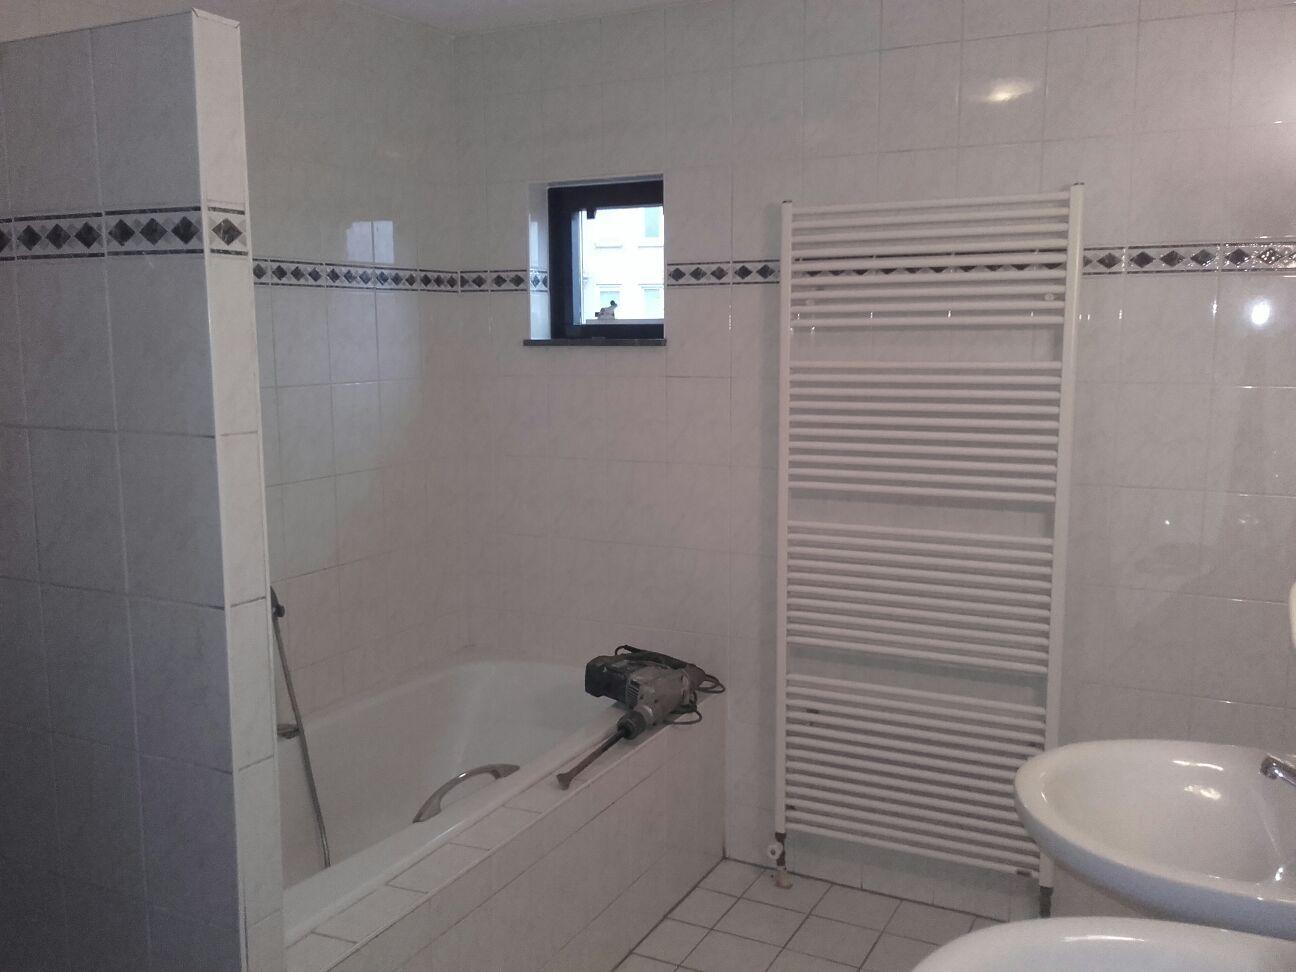 Badkamer laten slopen? Snel, netjes en altijd net iets goedkoper!